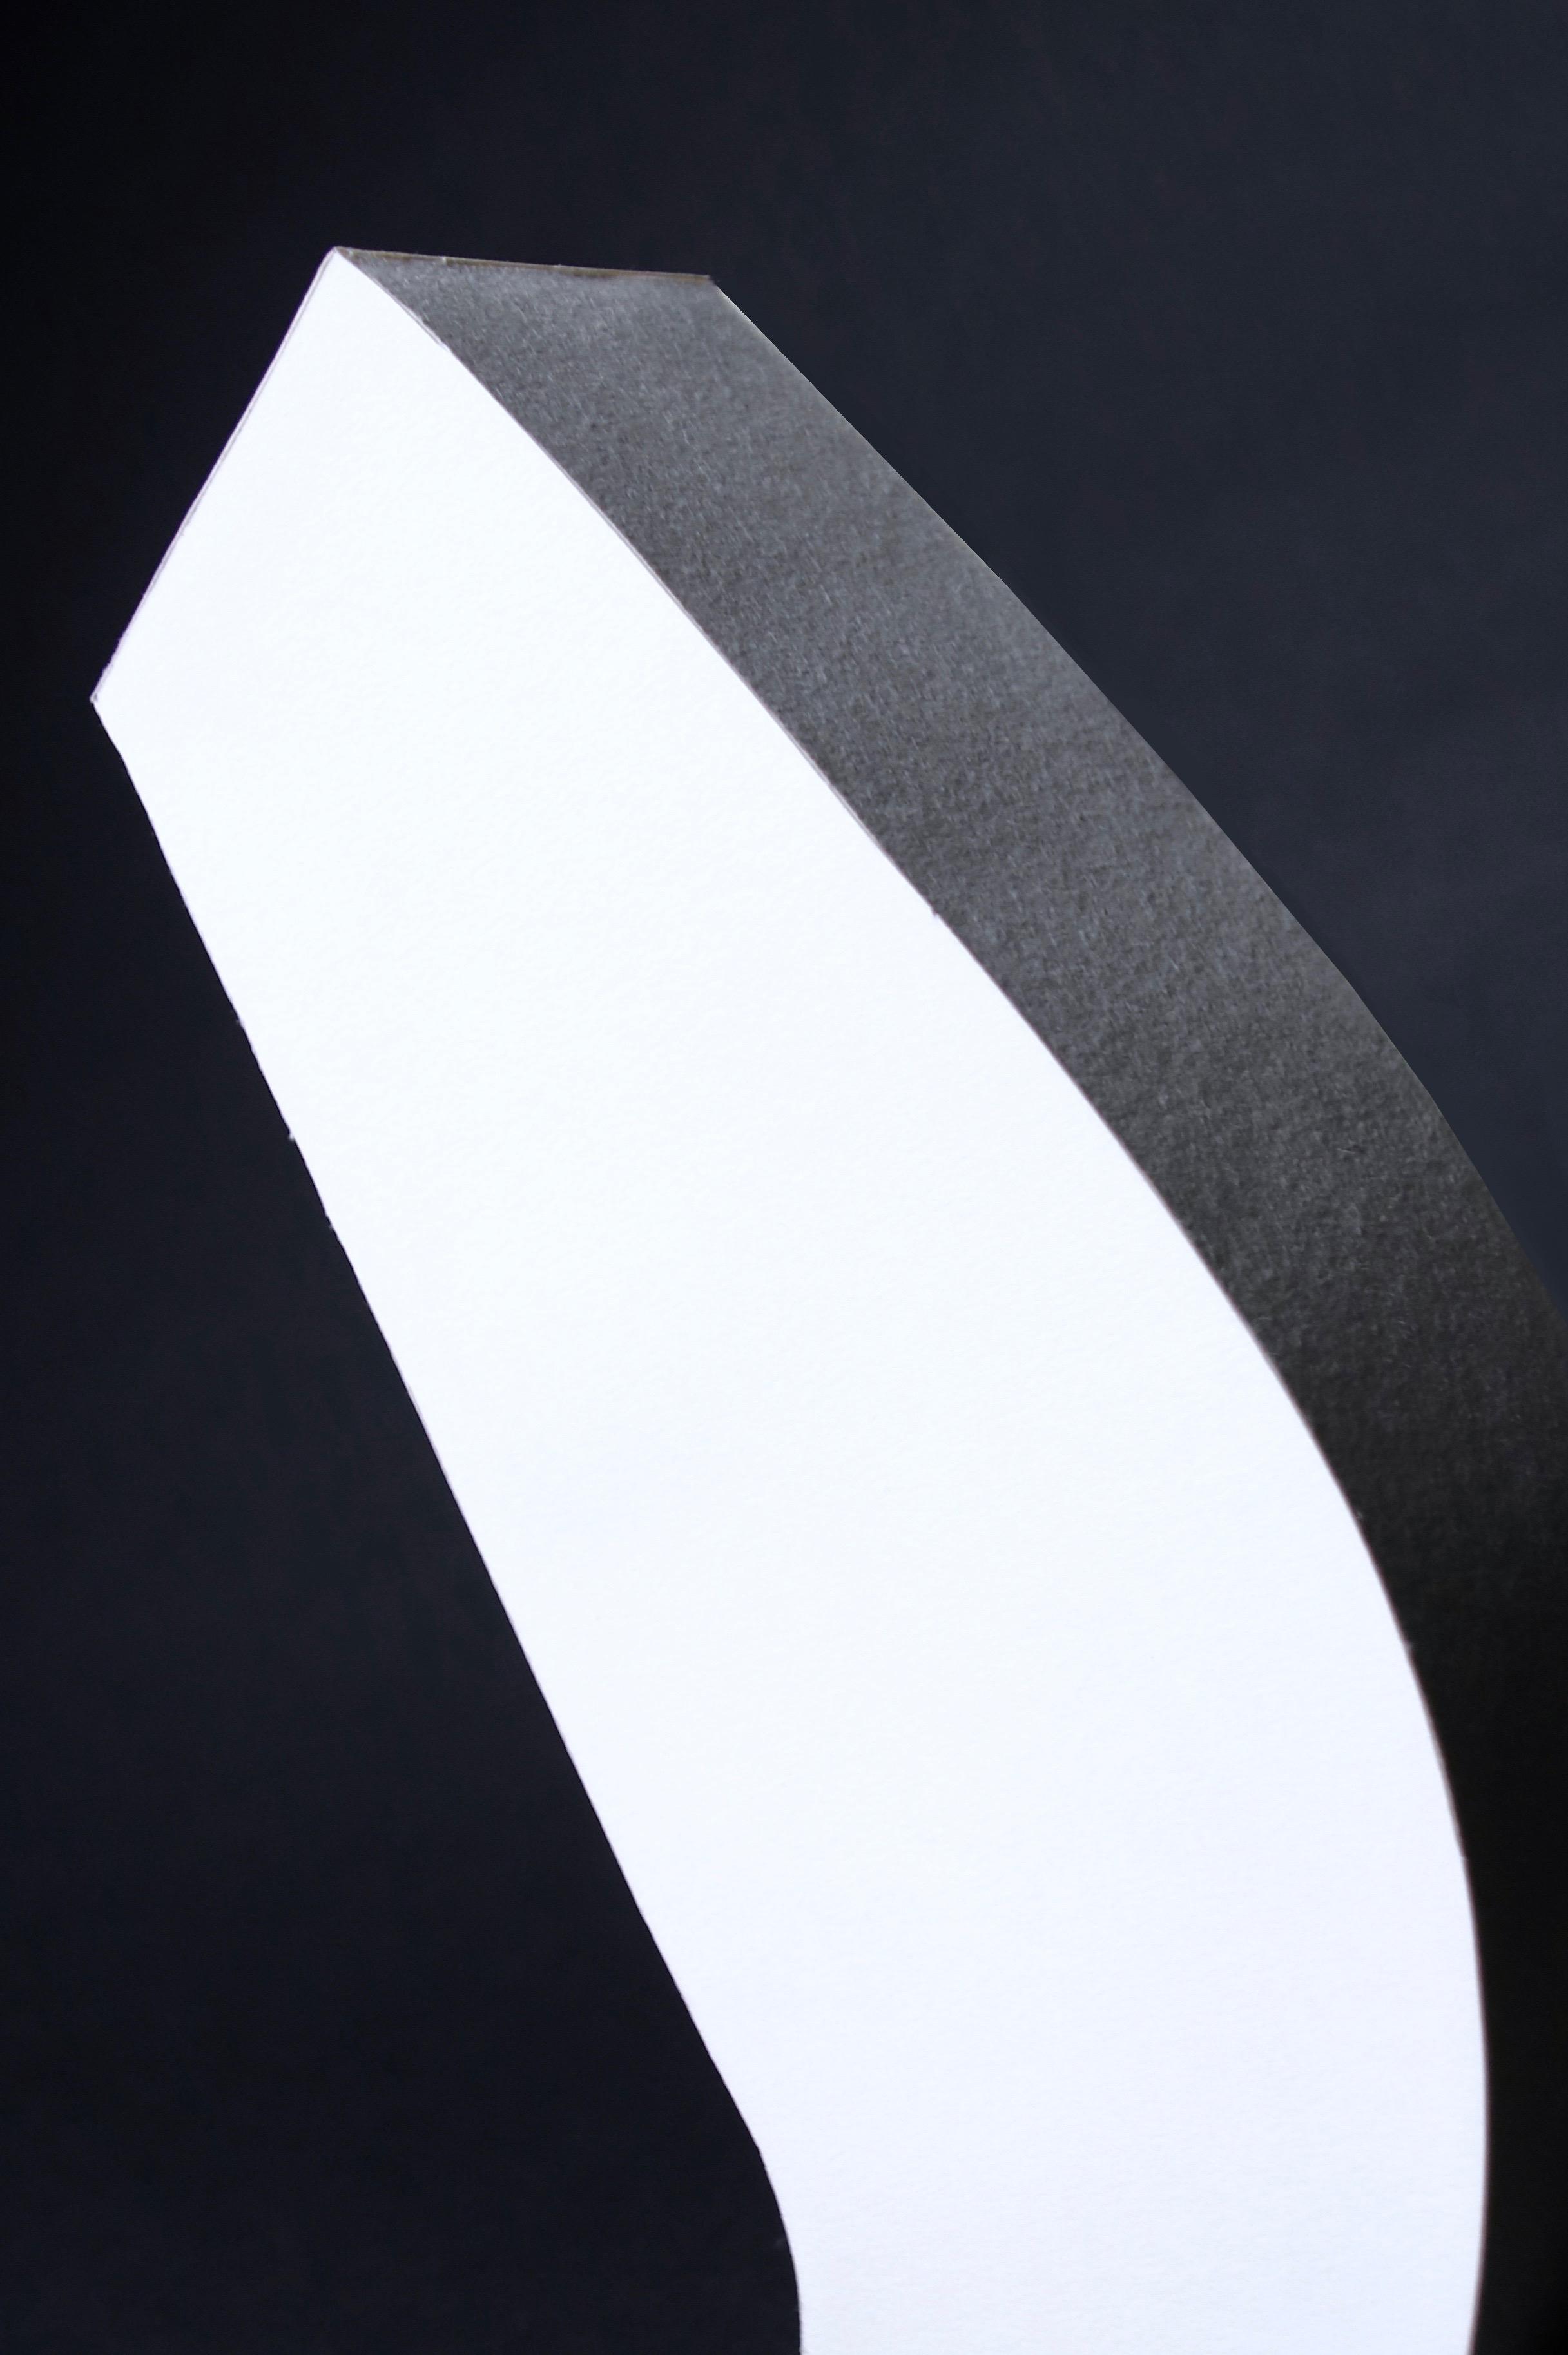 lamp3 (1).jpg